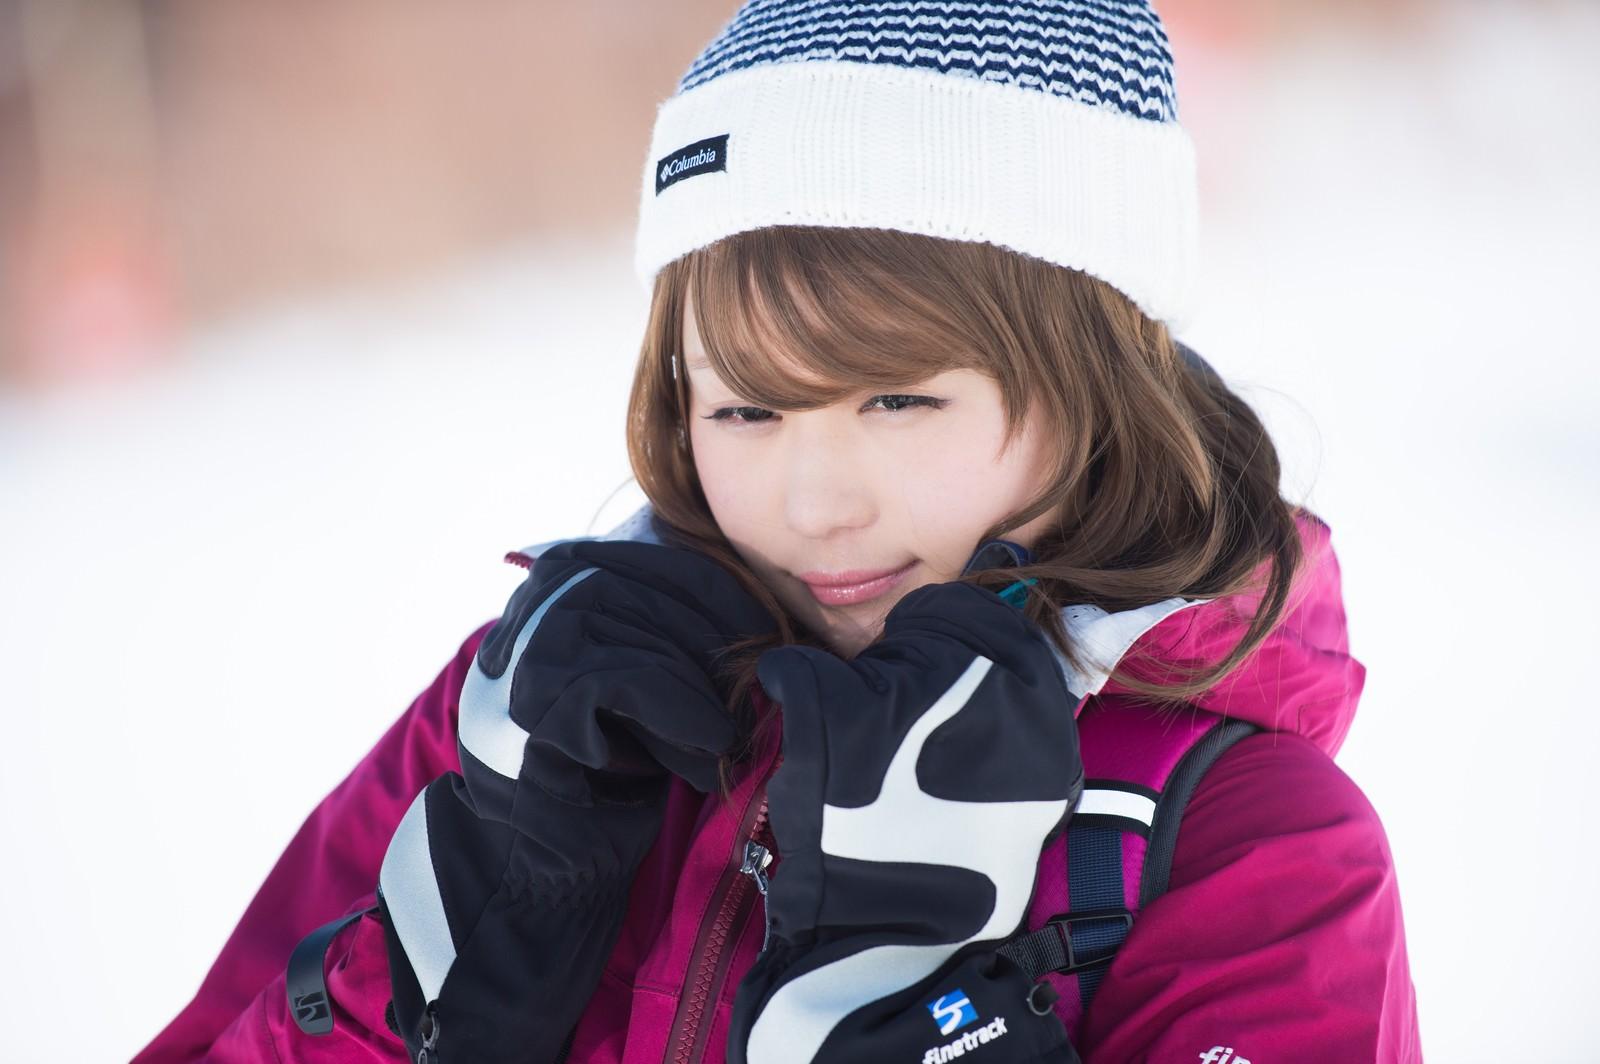 「氷点下10度の寒さから守るウェア」の写真[モデル:茜さや]